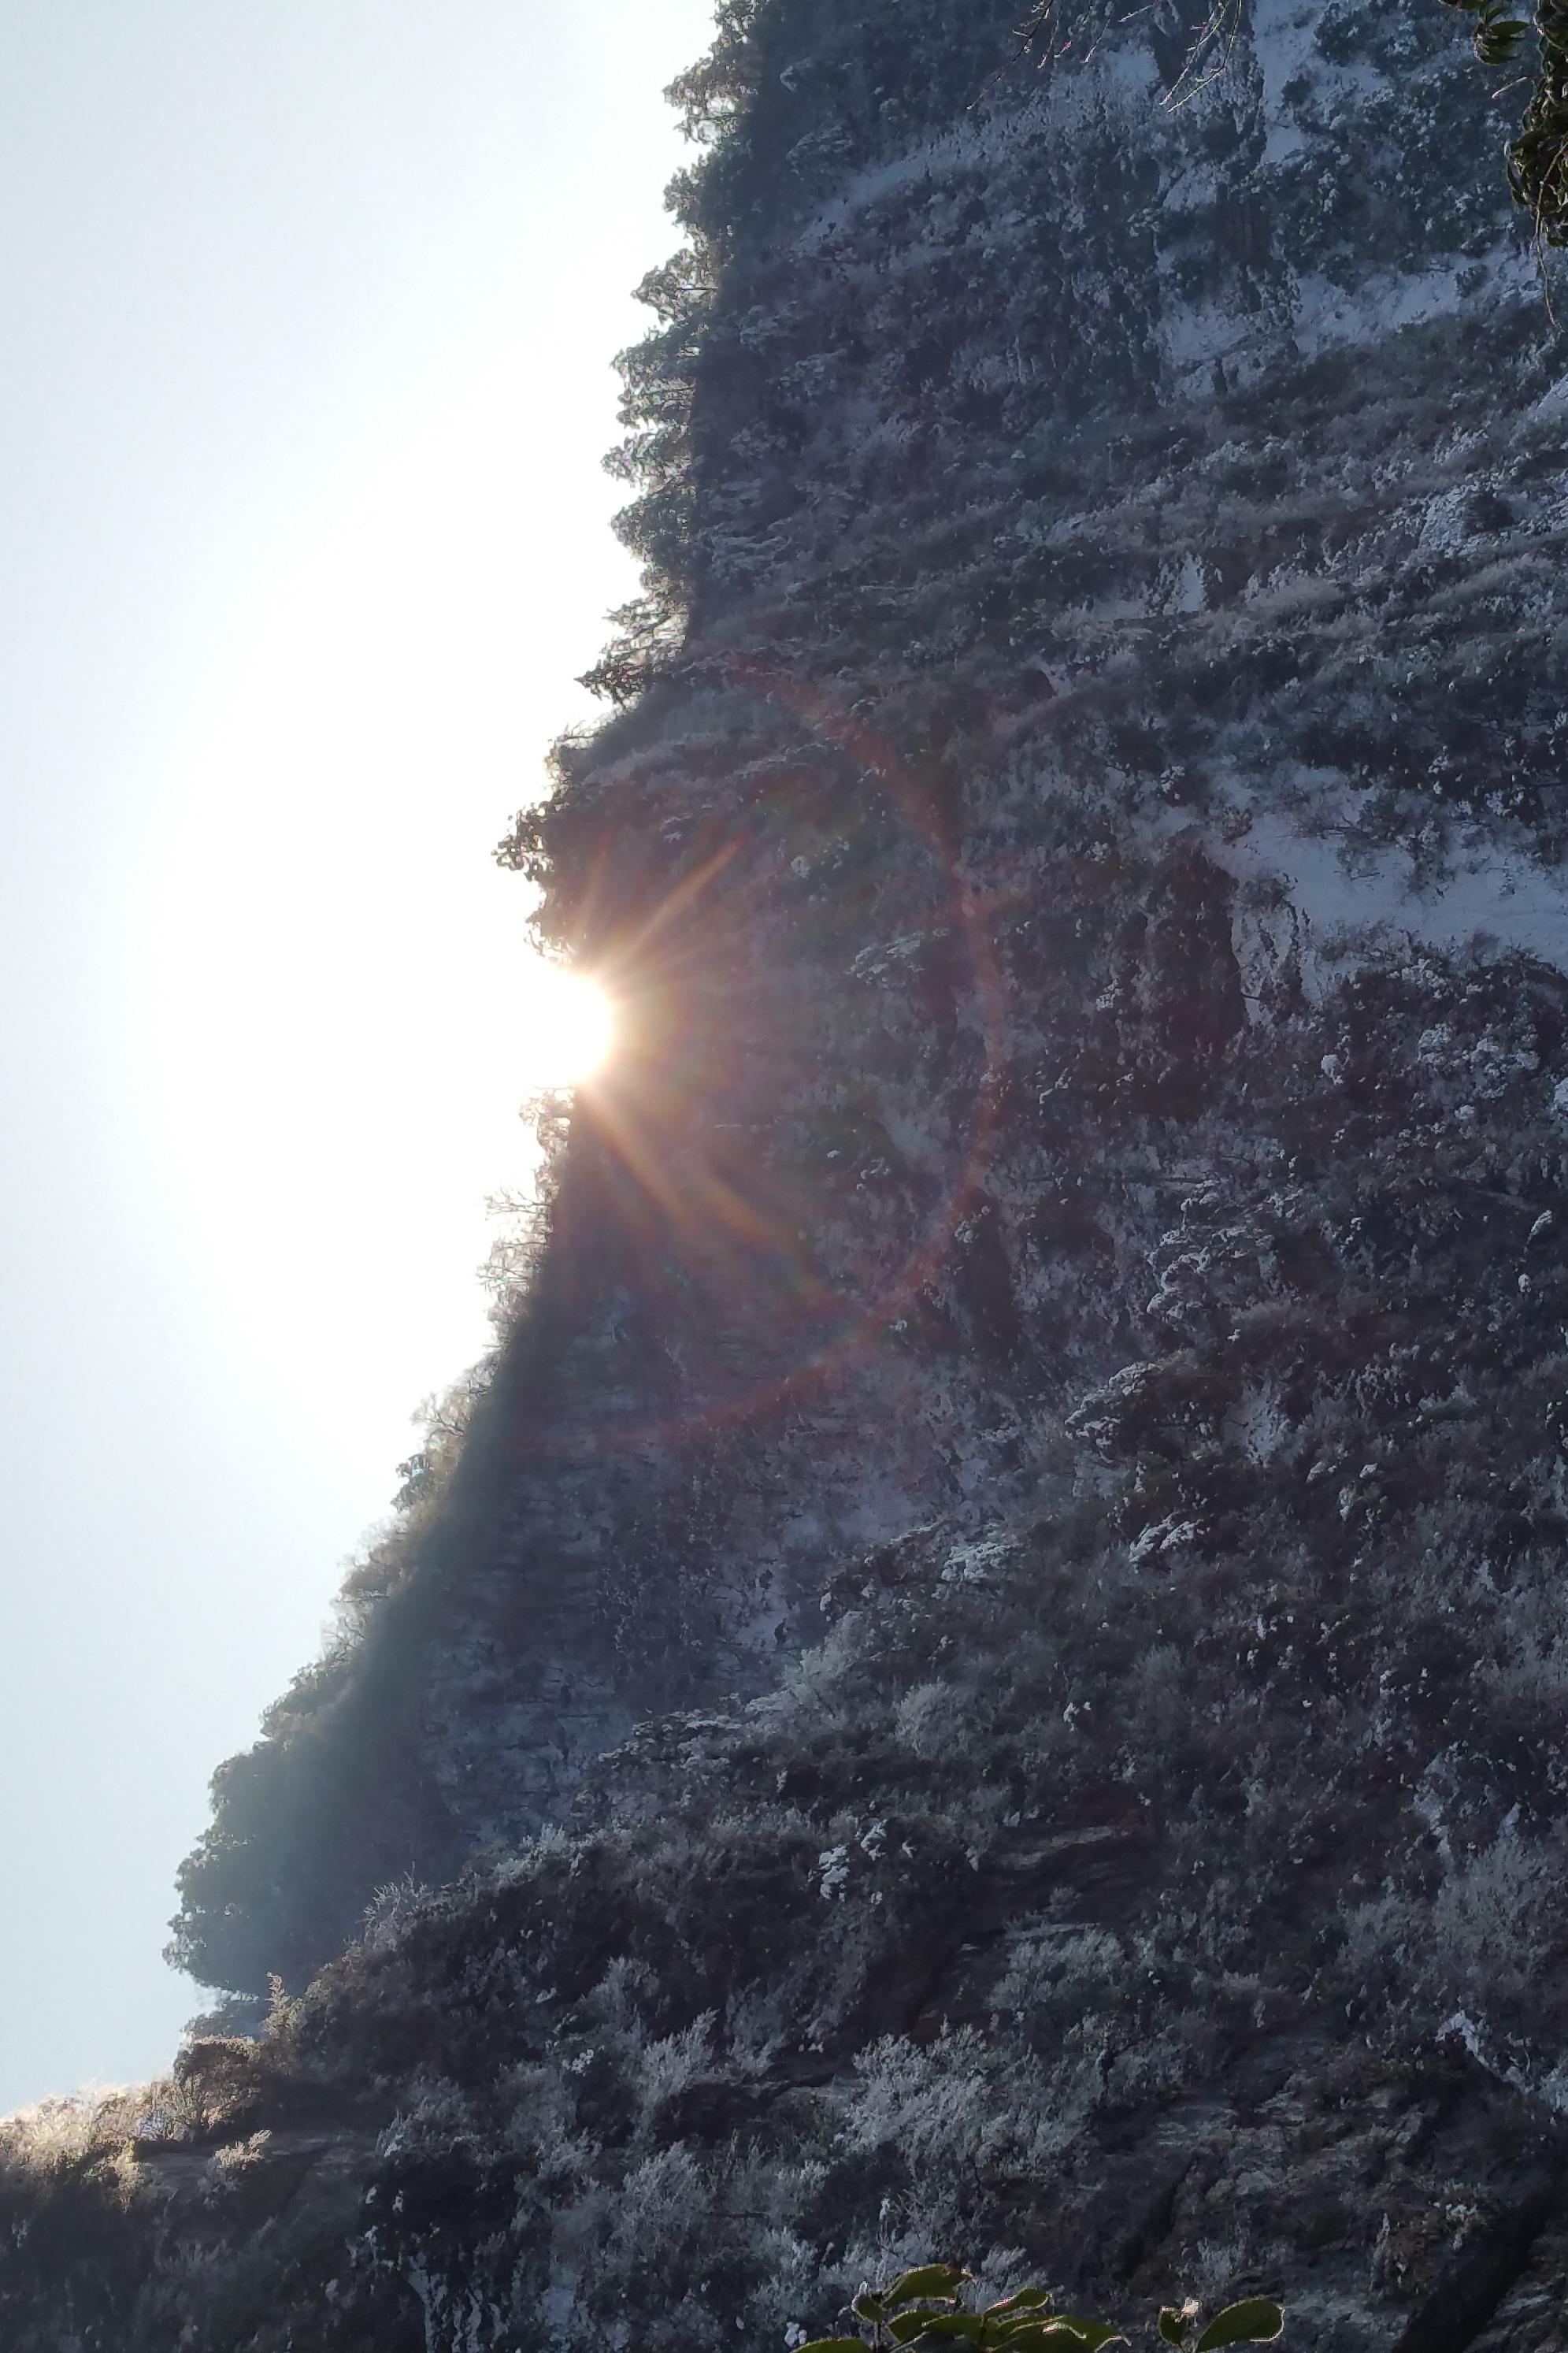 九峰之踏雪望星追日